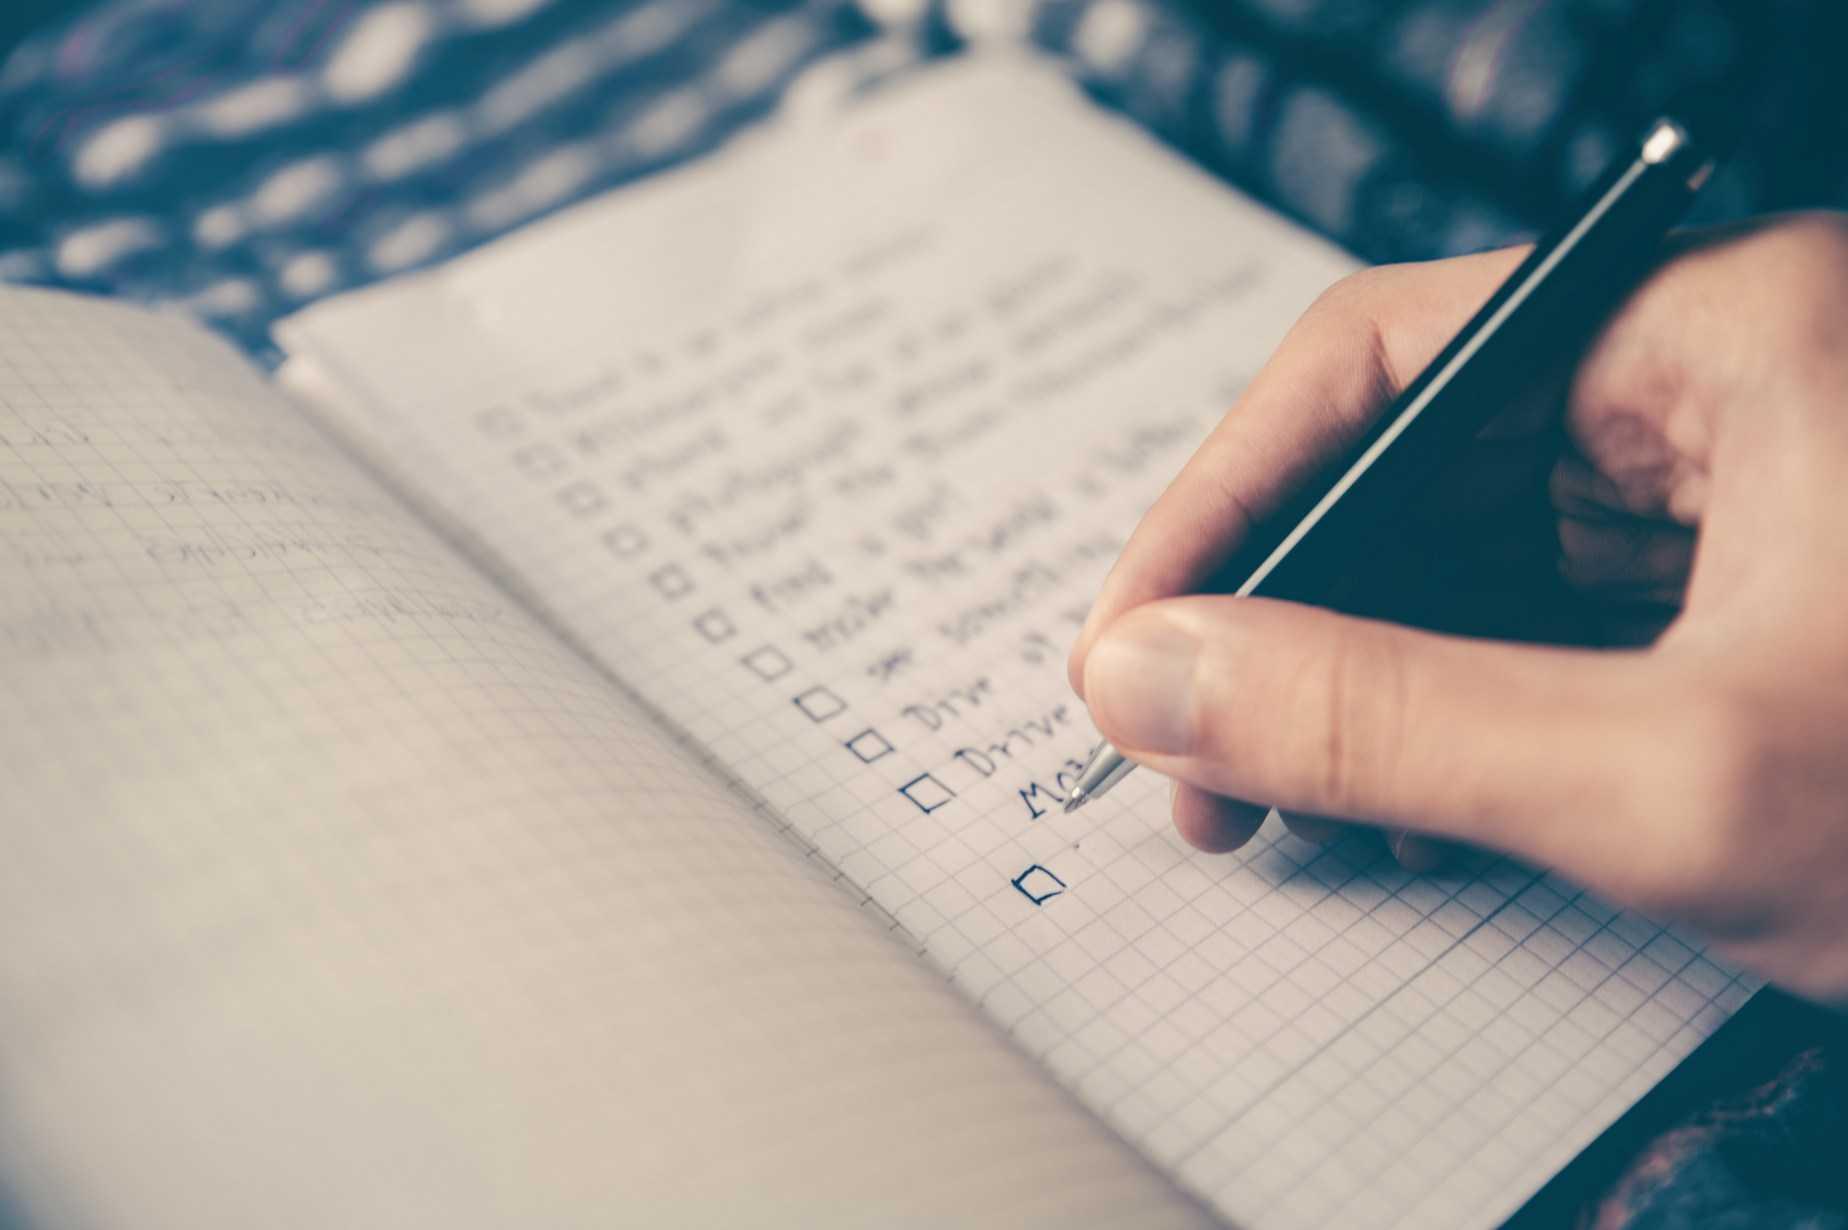 checklista - ktoś tworzy listę zadań izaznacza co wykonał